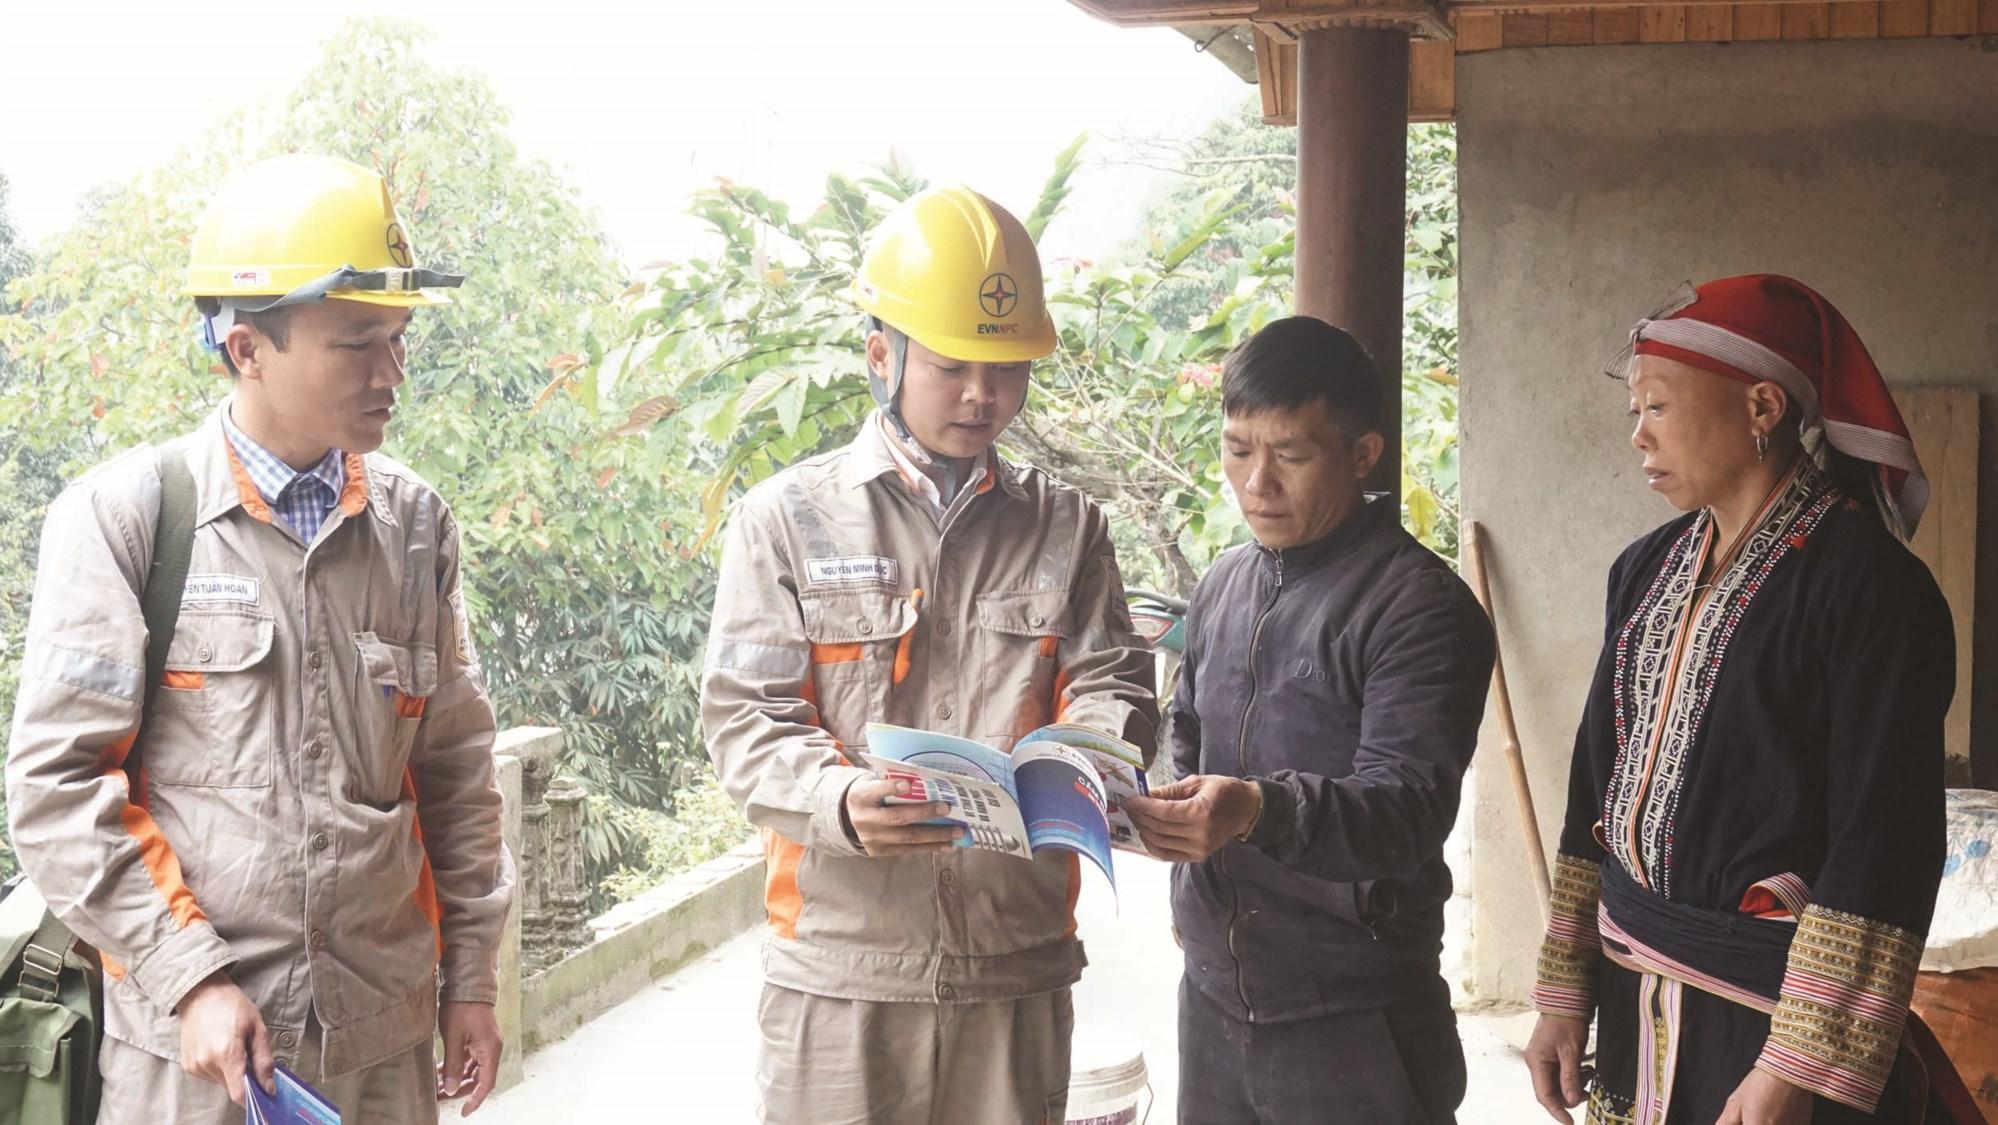 Cán bộ Điện lực Sa Pa tuyên truyền, hướng dẫn người dân thôn Sín Chải sử dụng điện an toàn, tiết kiệm.